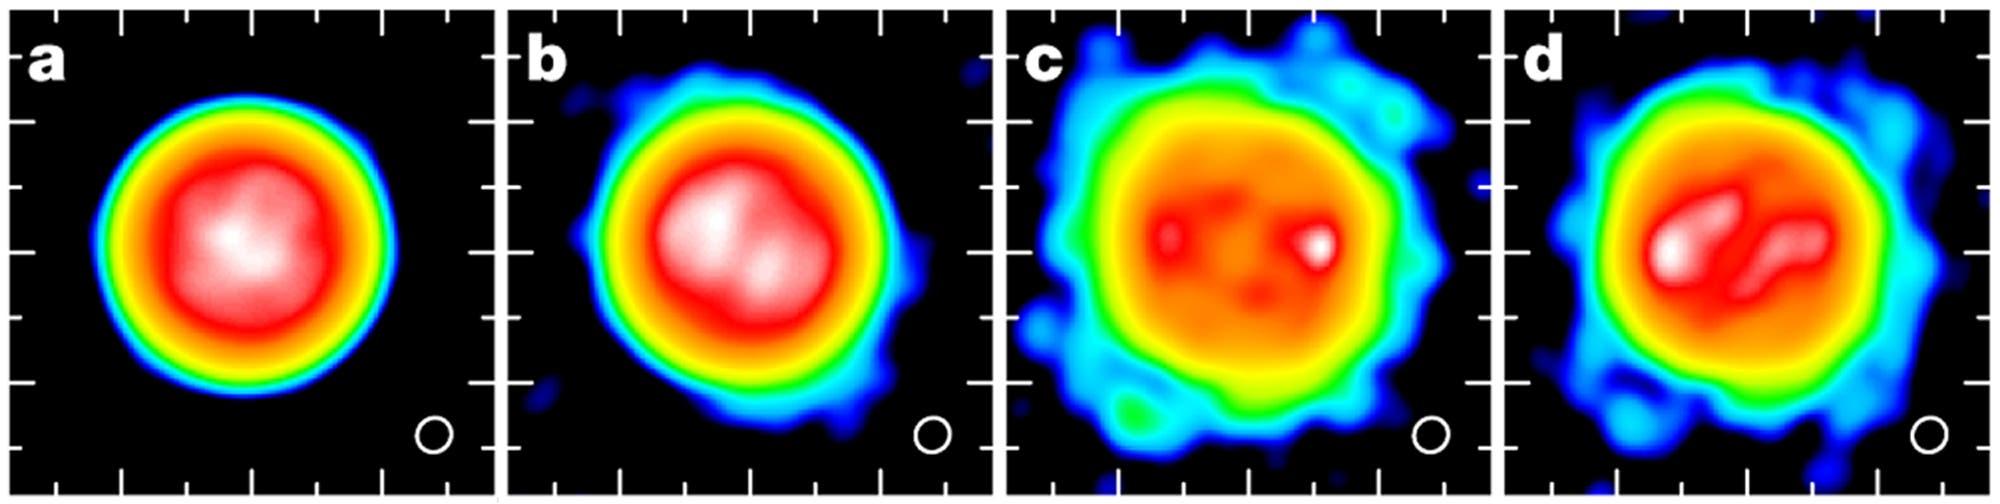 Die Oberfläche und Atmosphäre des Roten Überriesen Antares